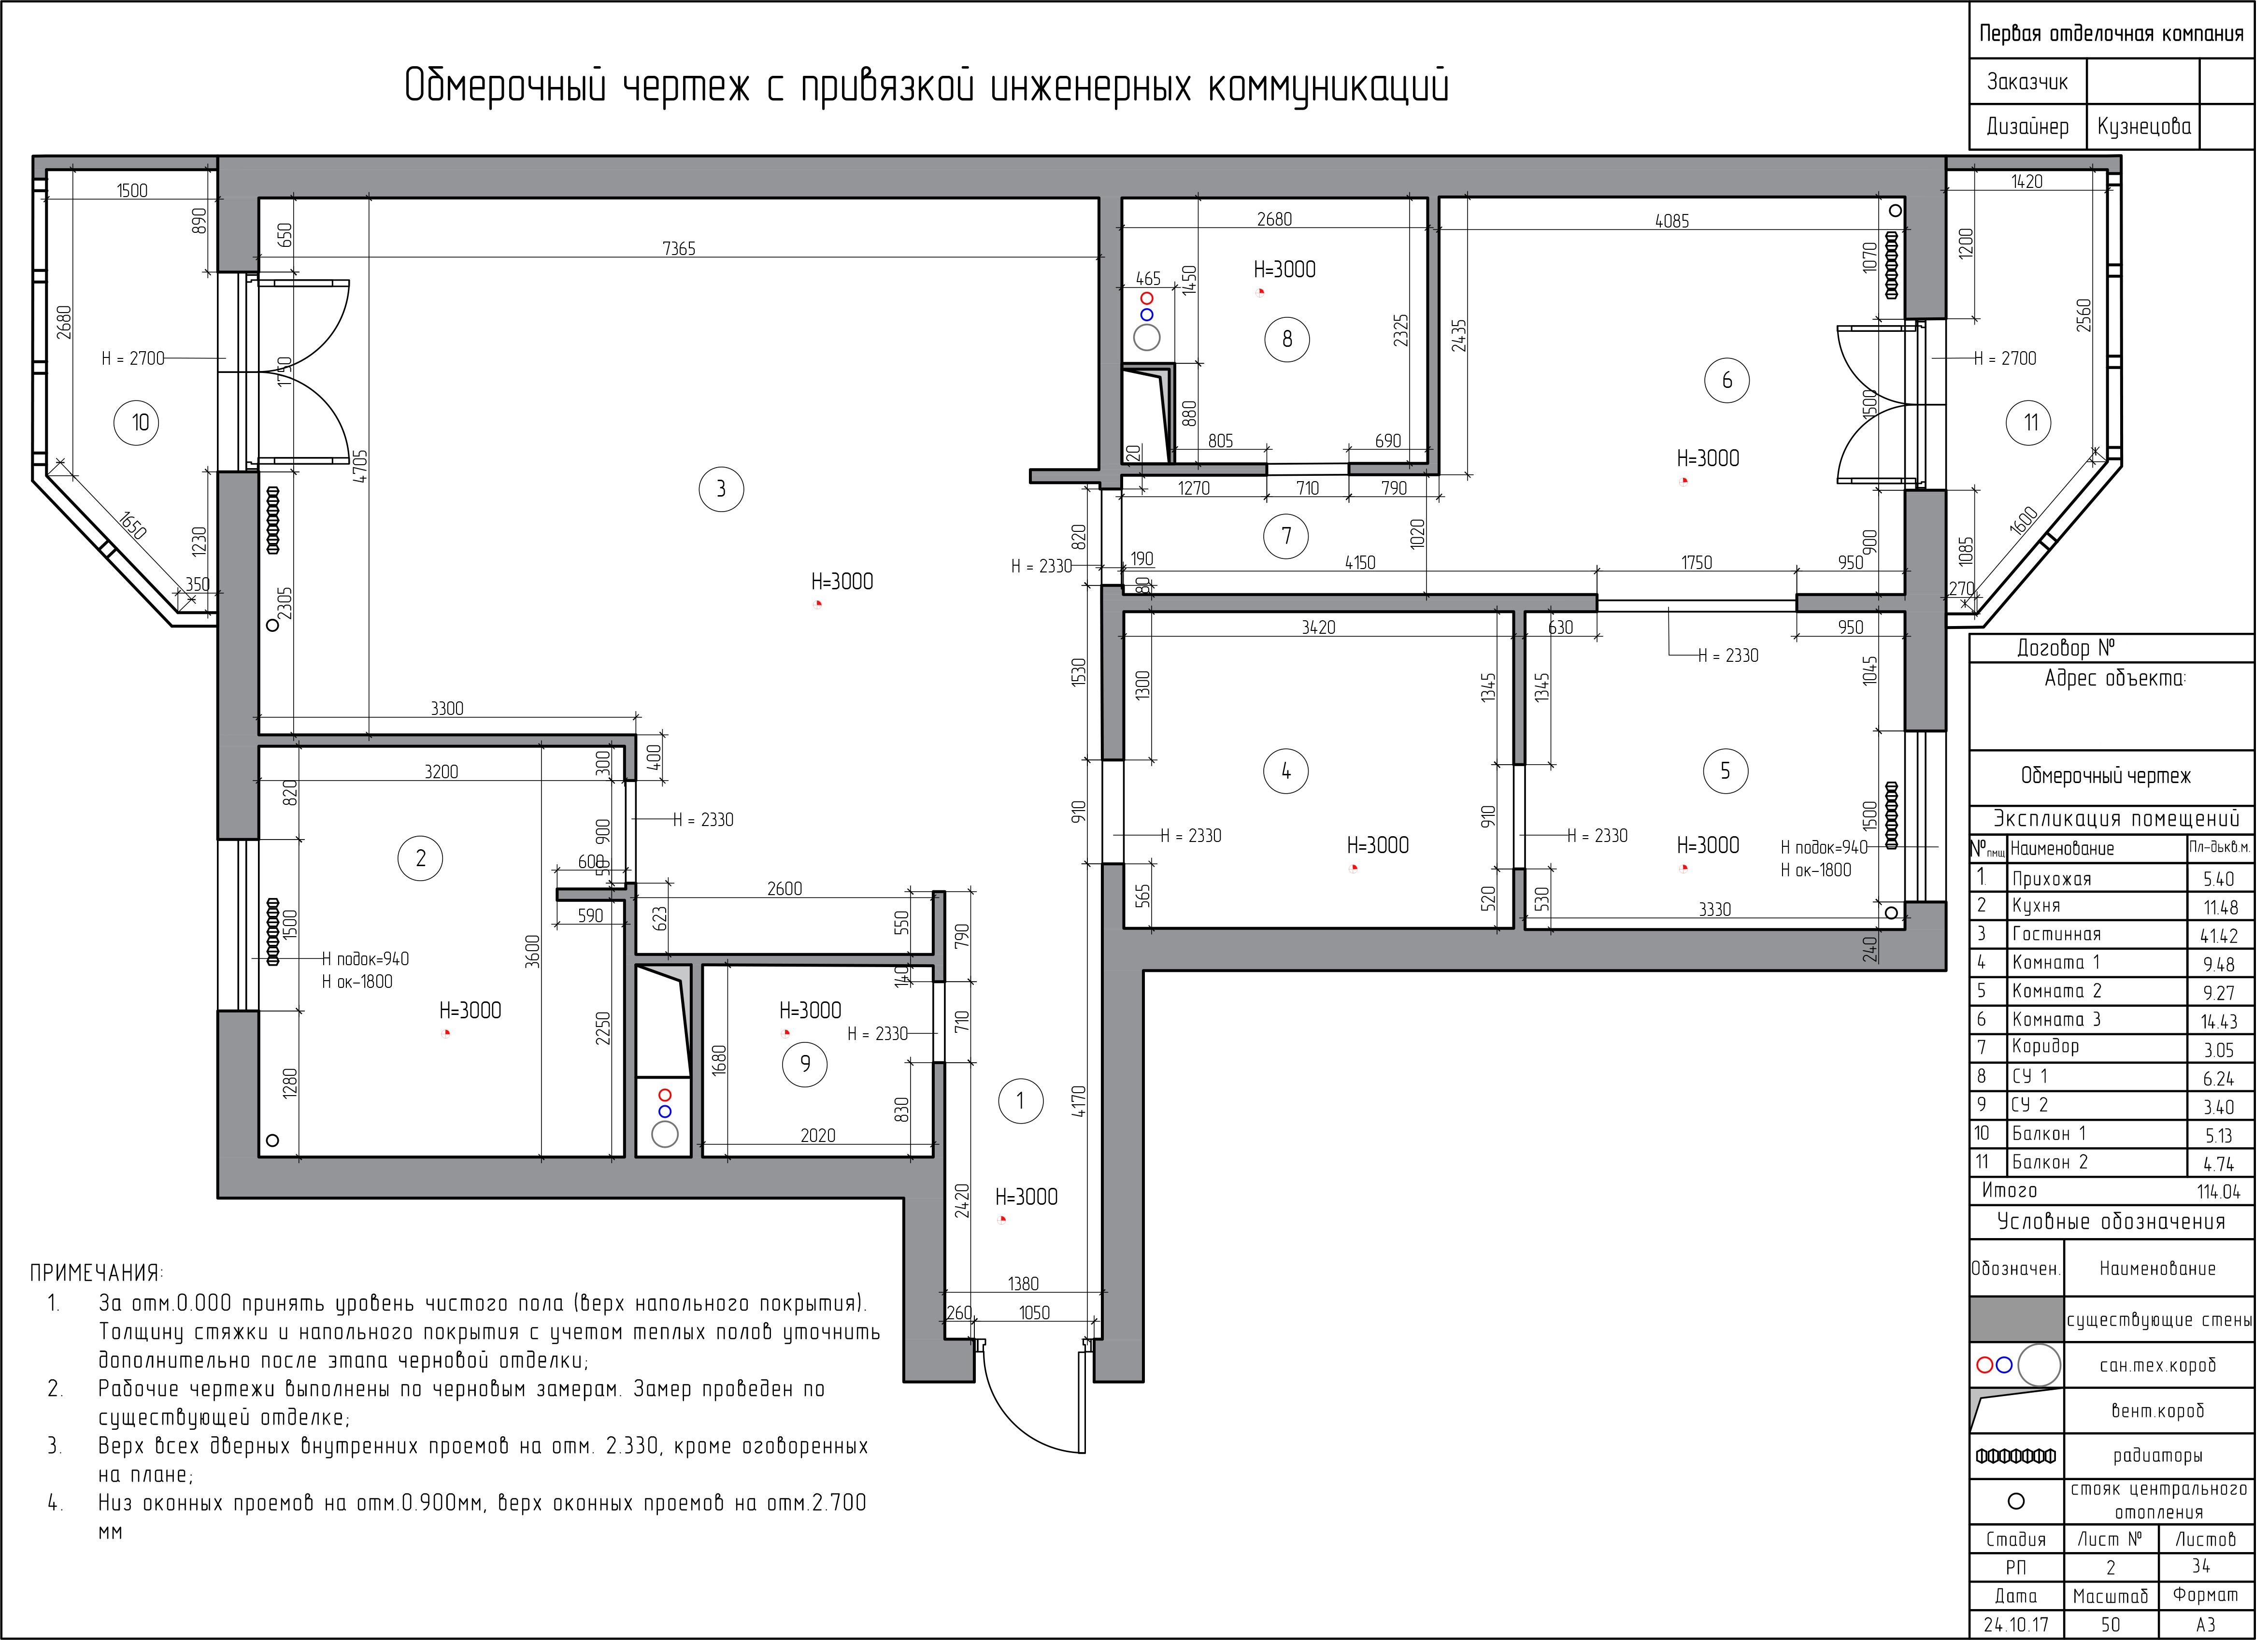 Обмерочный чертеж ЖК «Мичуринский»